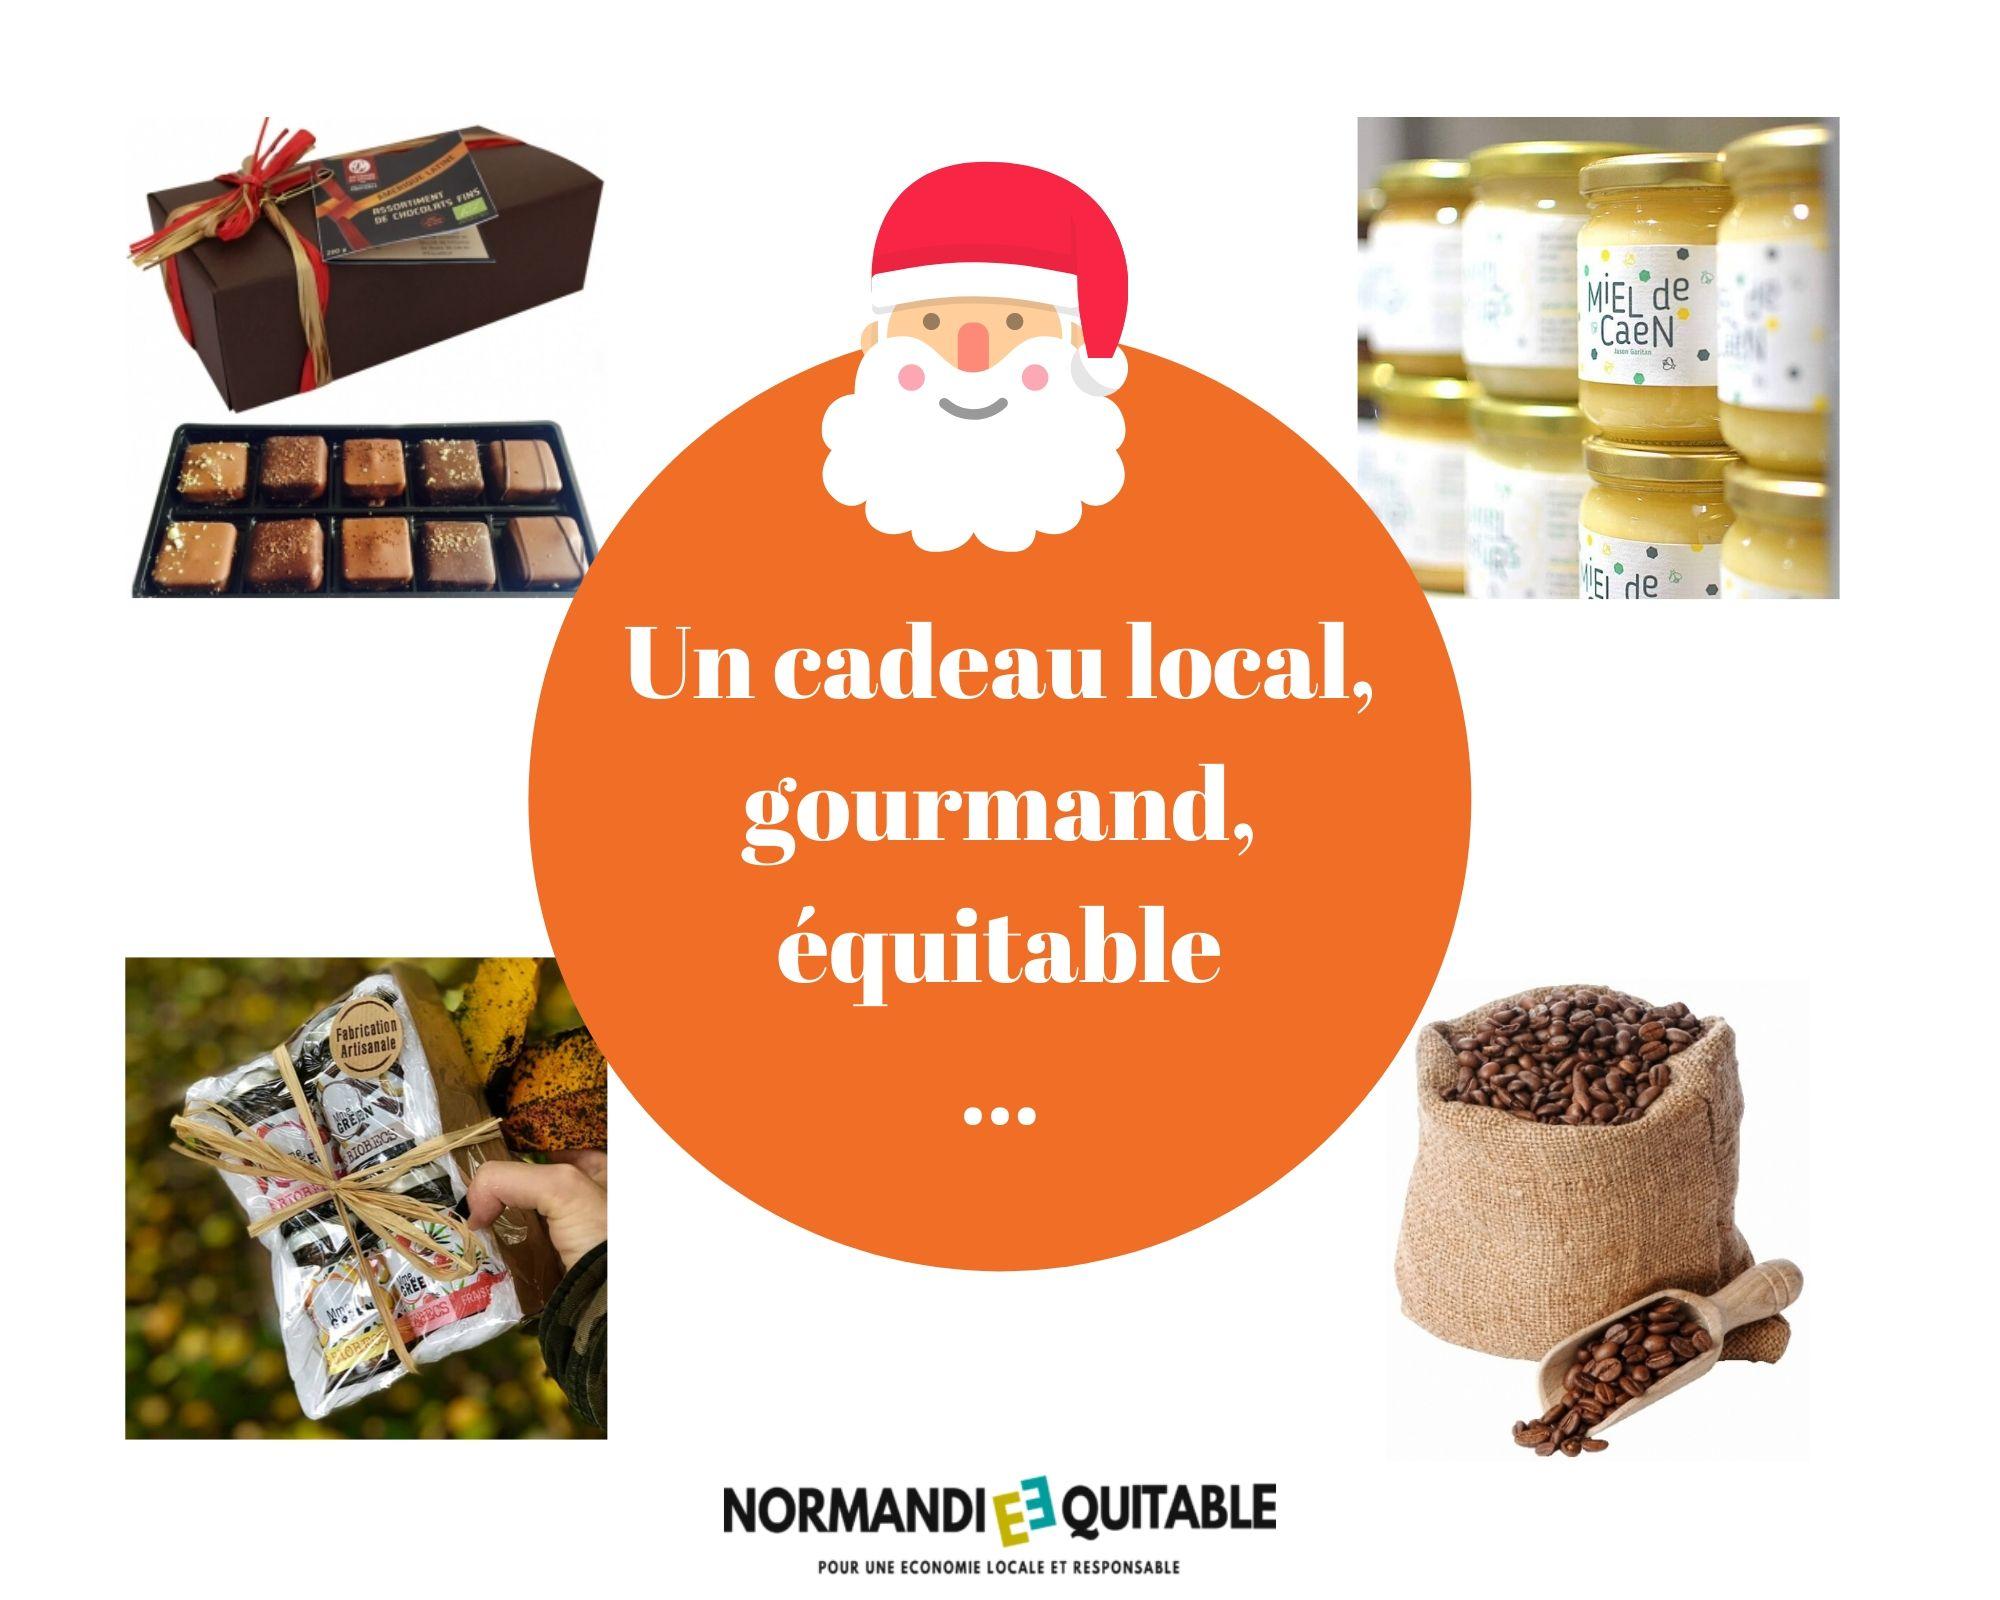 Idées cadeaux gourmandes, locales et équitables